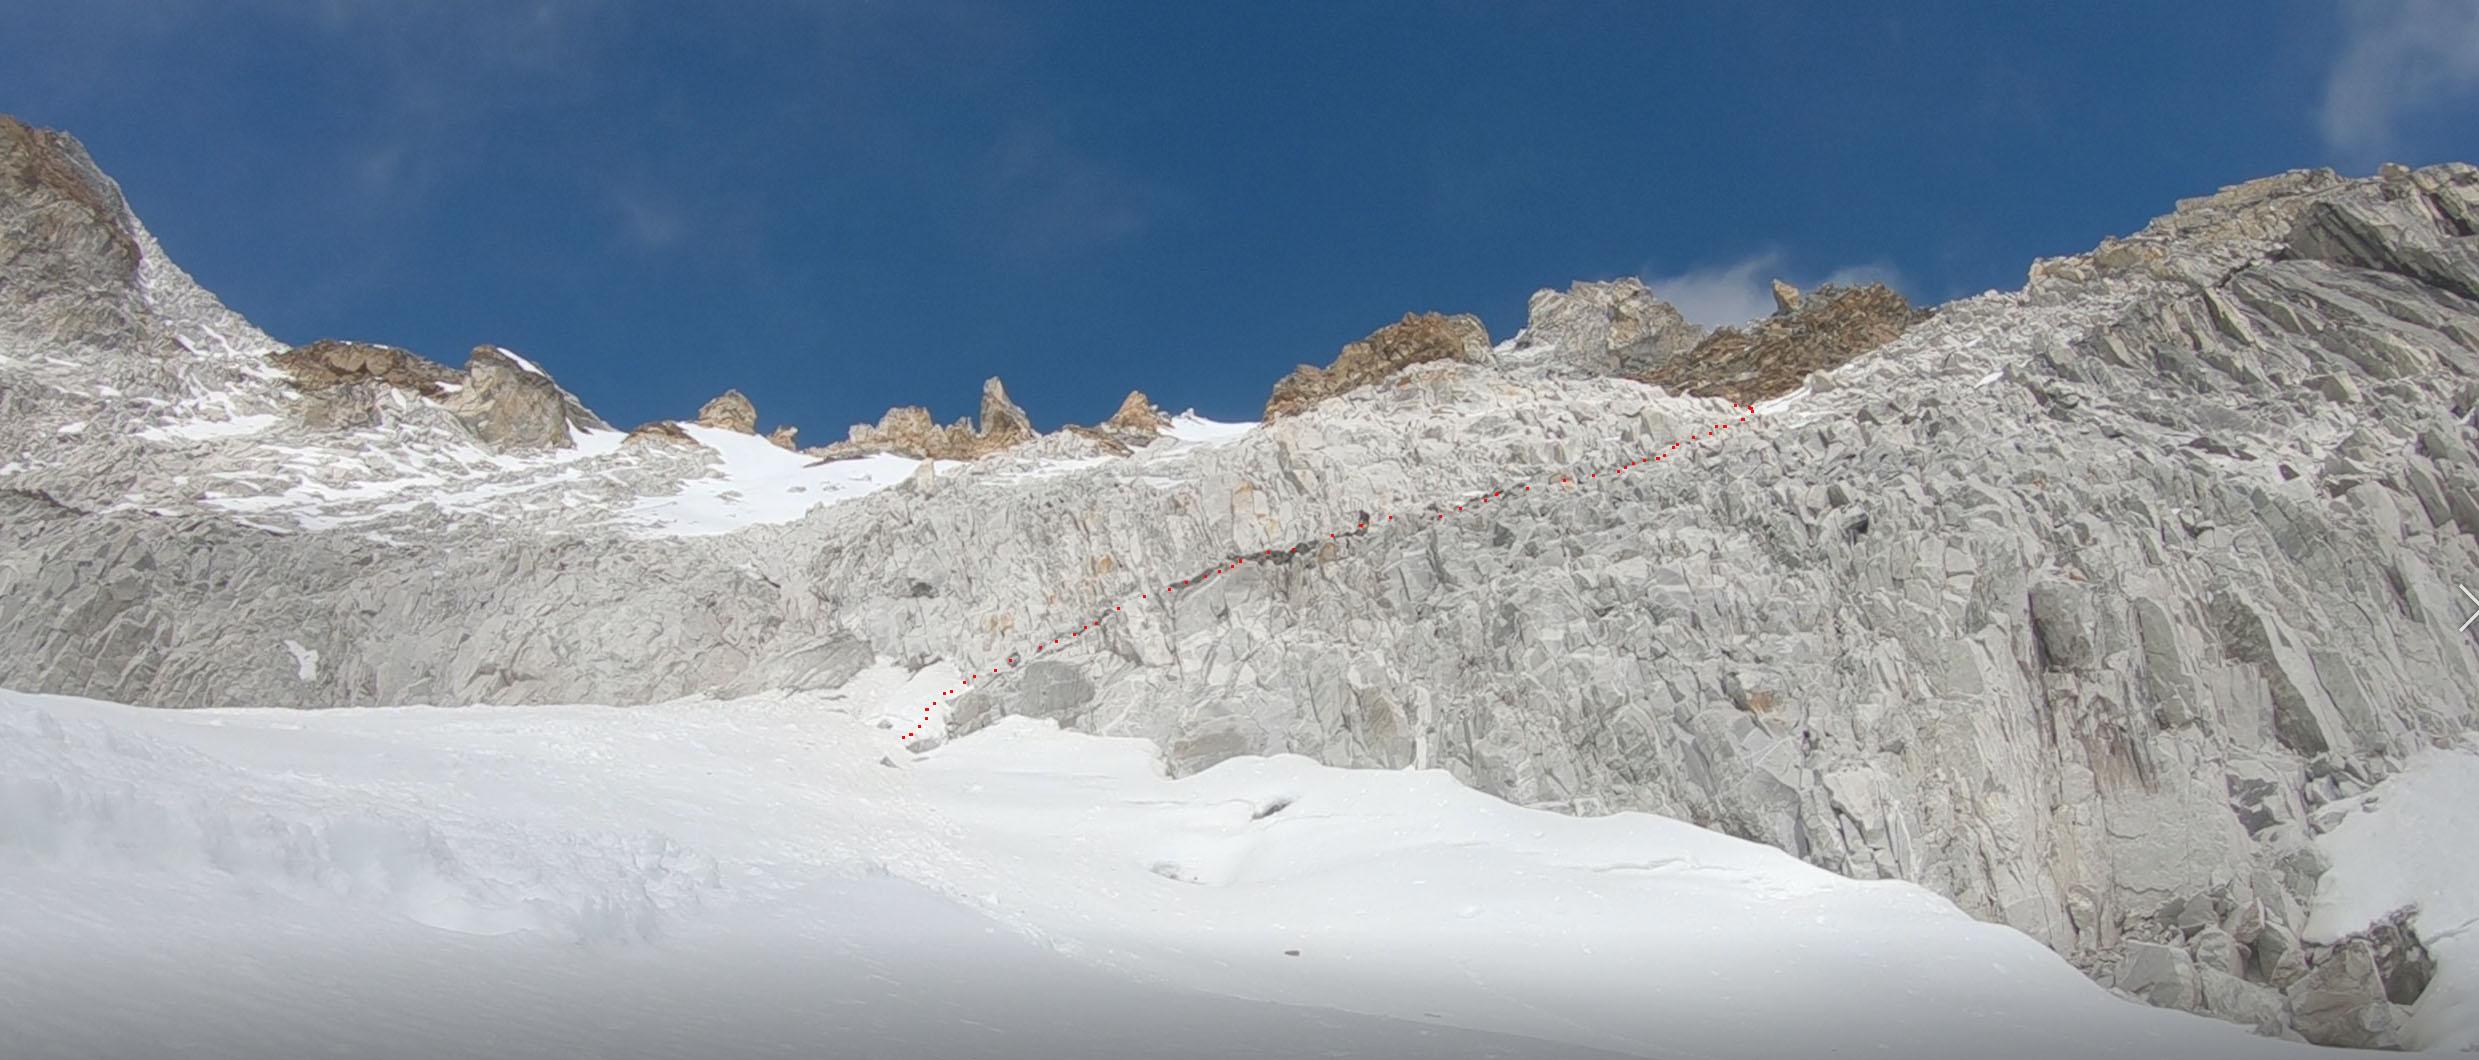 Kad uzlien augšā uz galvenā ledāja paveras skats uz sienu